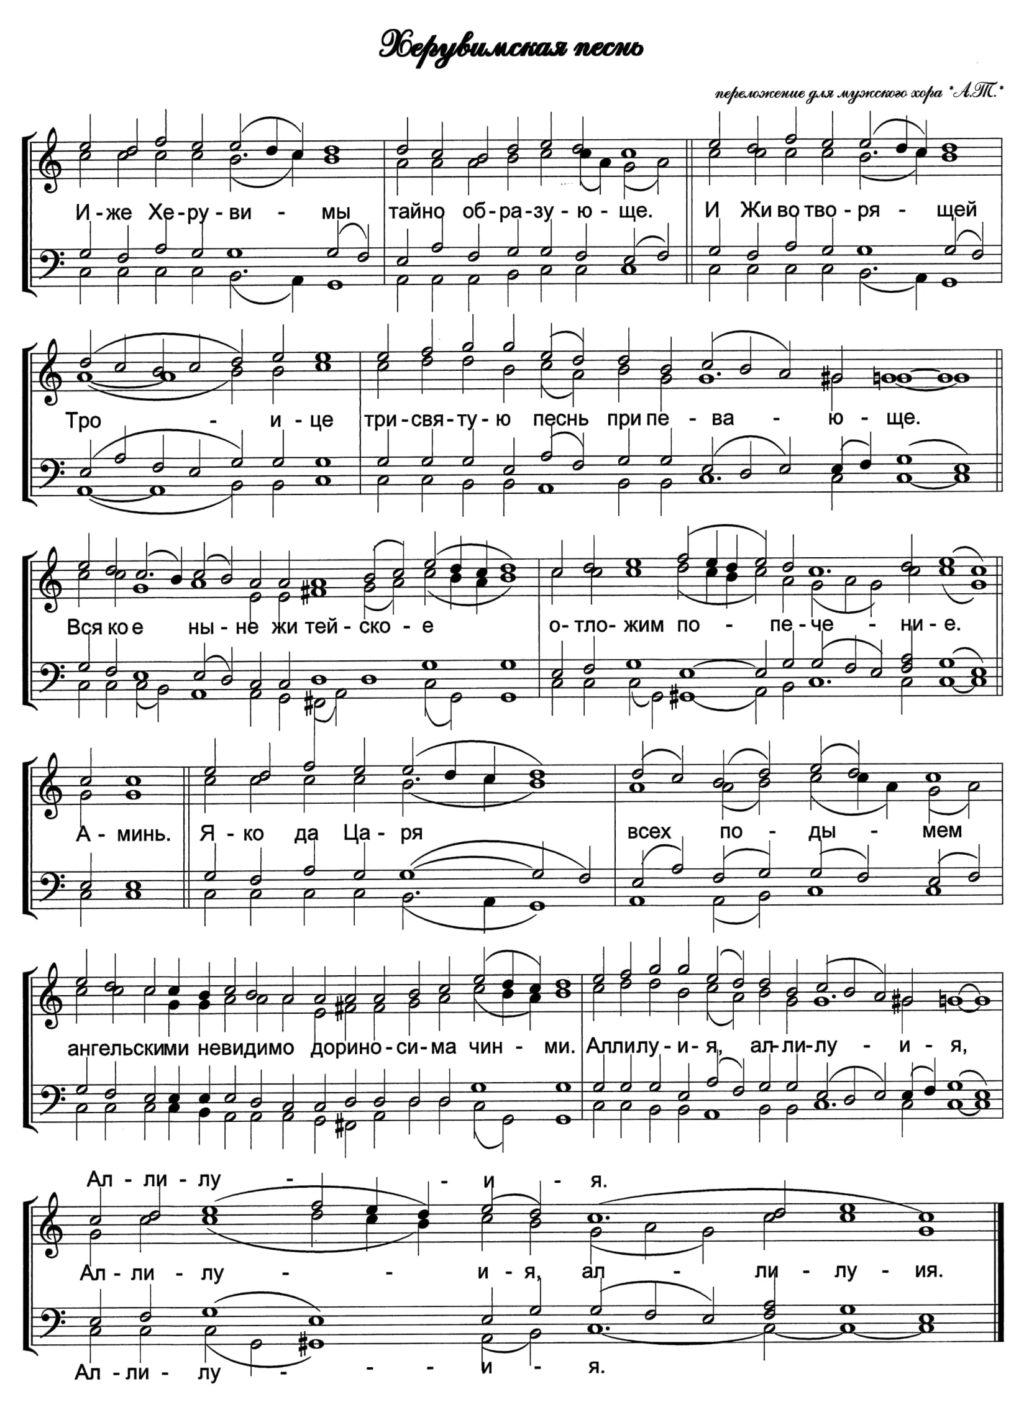 Херувимская песнь. Переложение для мужского хора «А.Т.»